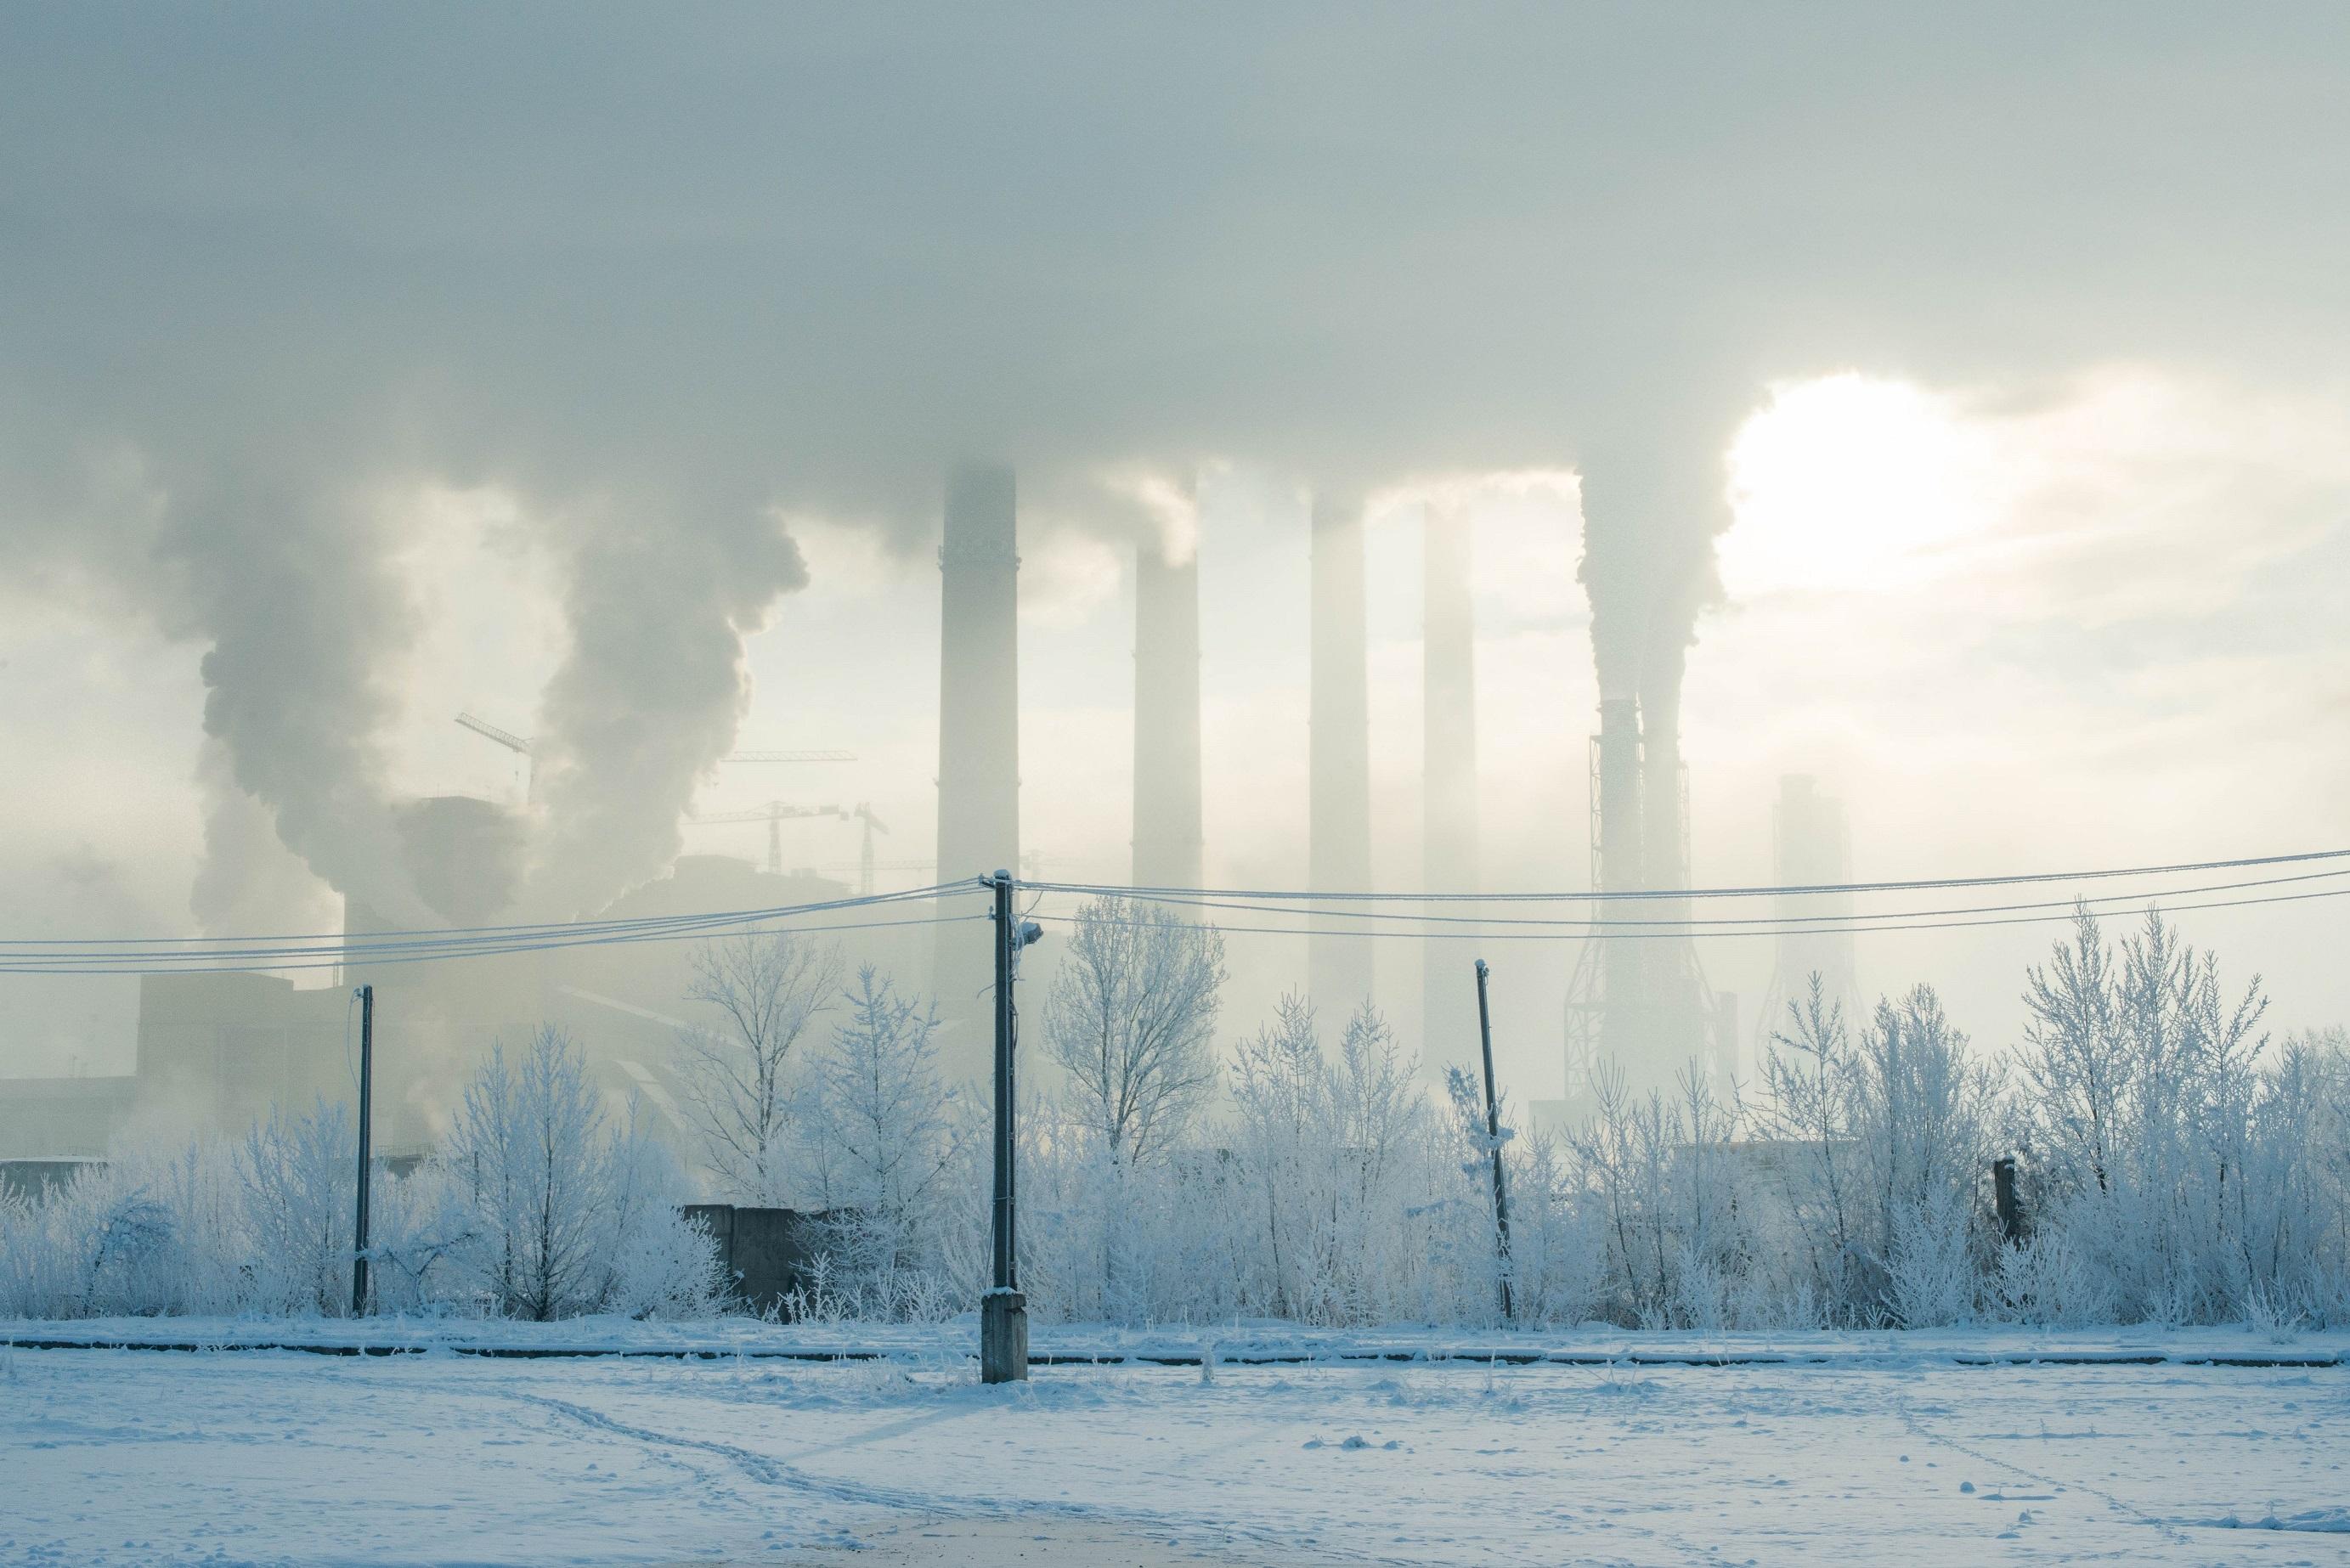 Complexul Energetic Oltenia încearcă vigilența Comisiei Europene: cere peste 1 miliard de euro pentru a se restructura și decarbona, dar își crește considerabil emisiile de CO2 în următorii 10 ani